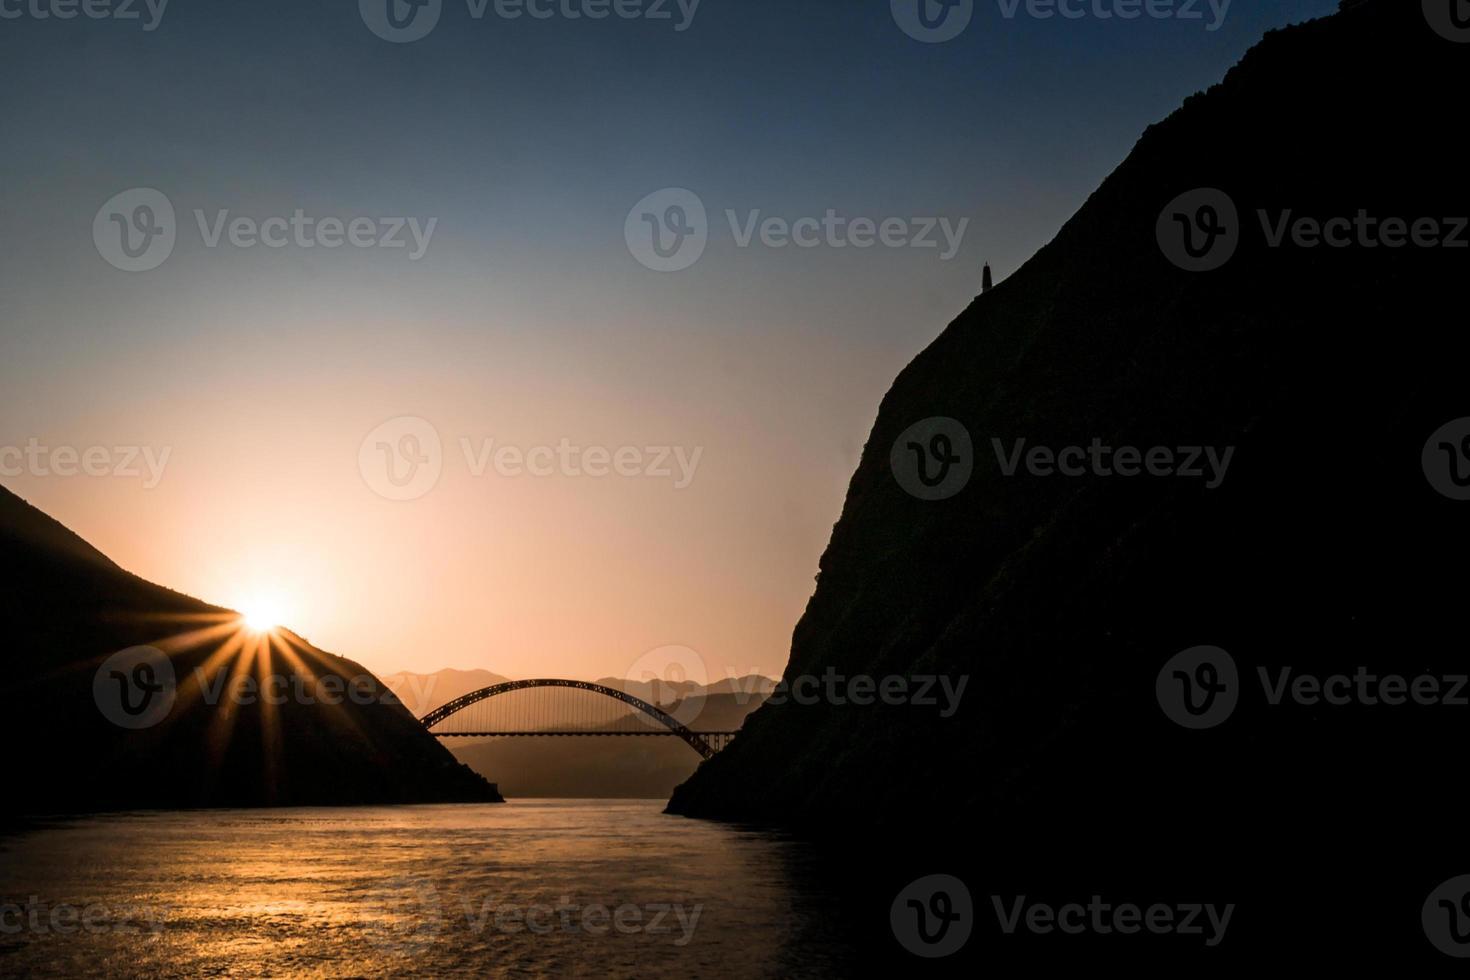 tramonto sul fiume yangzi foto